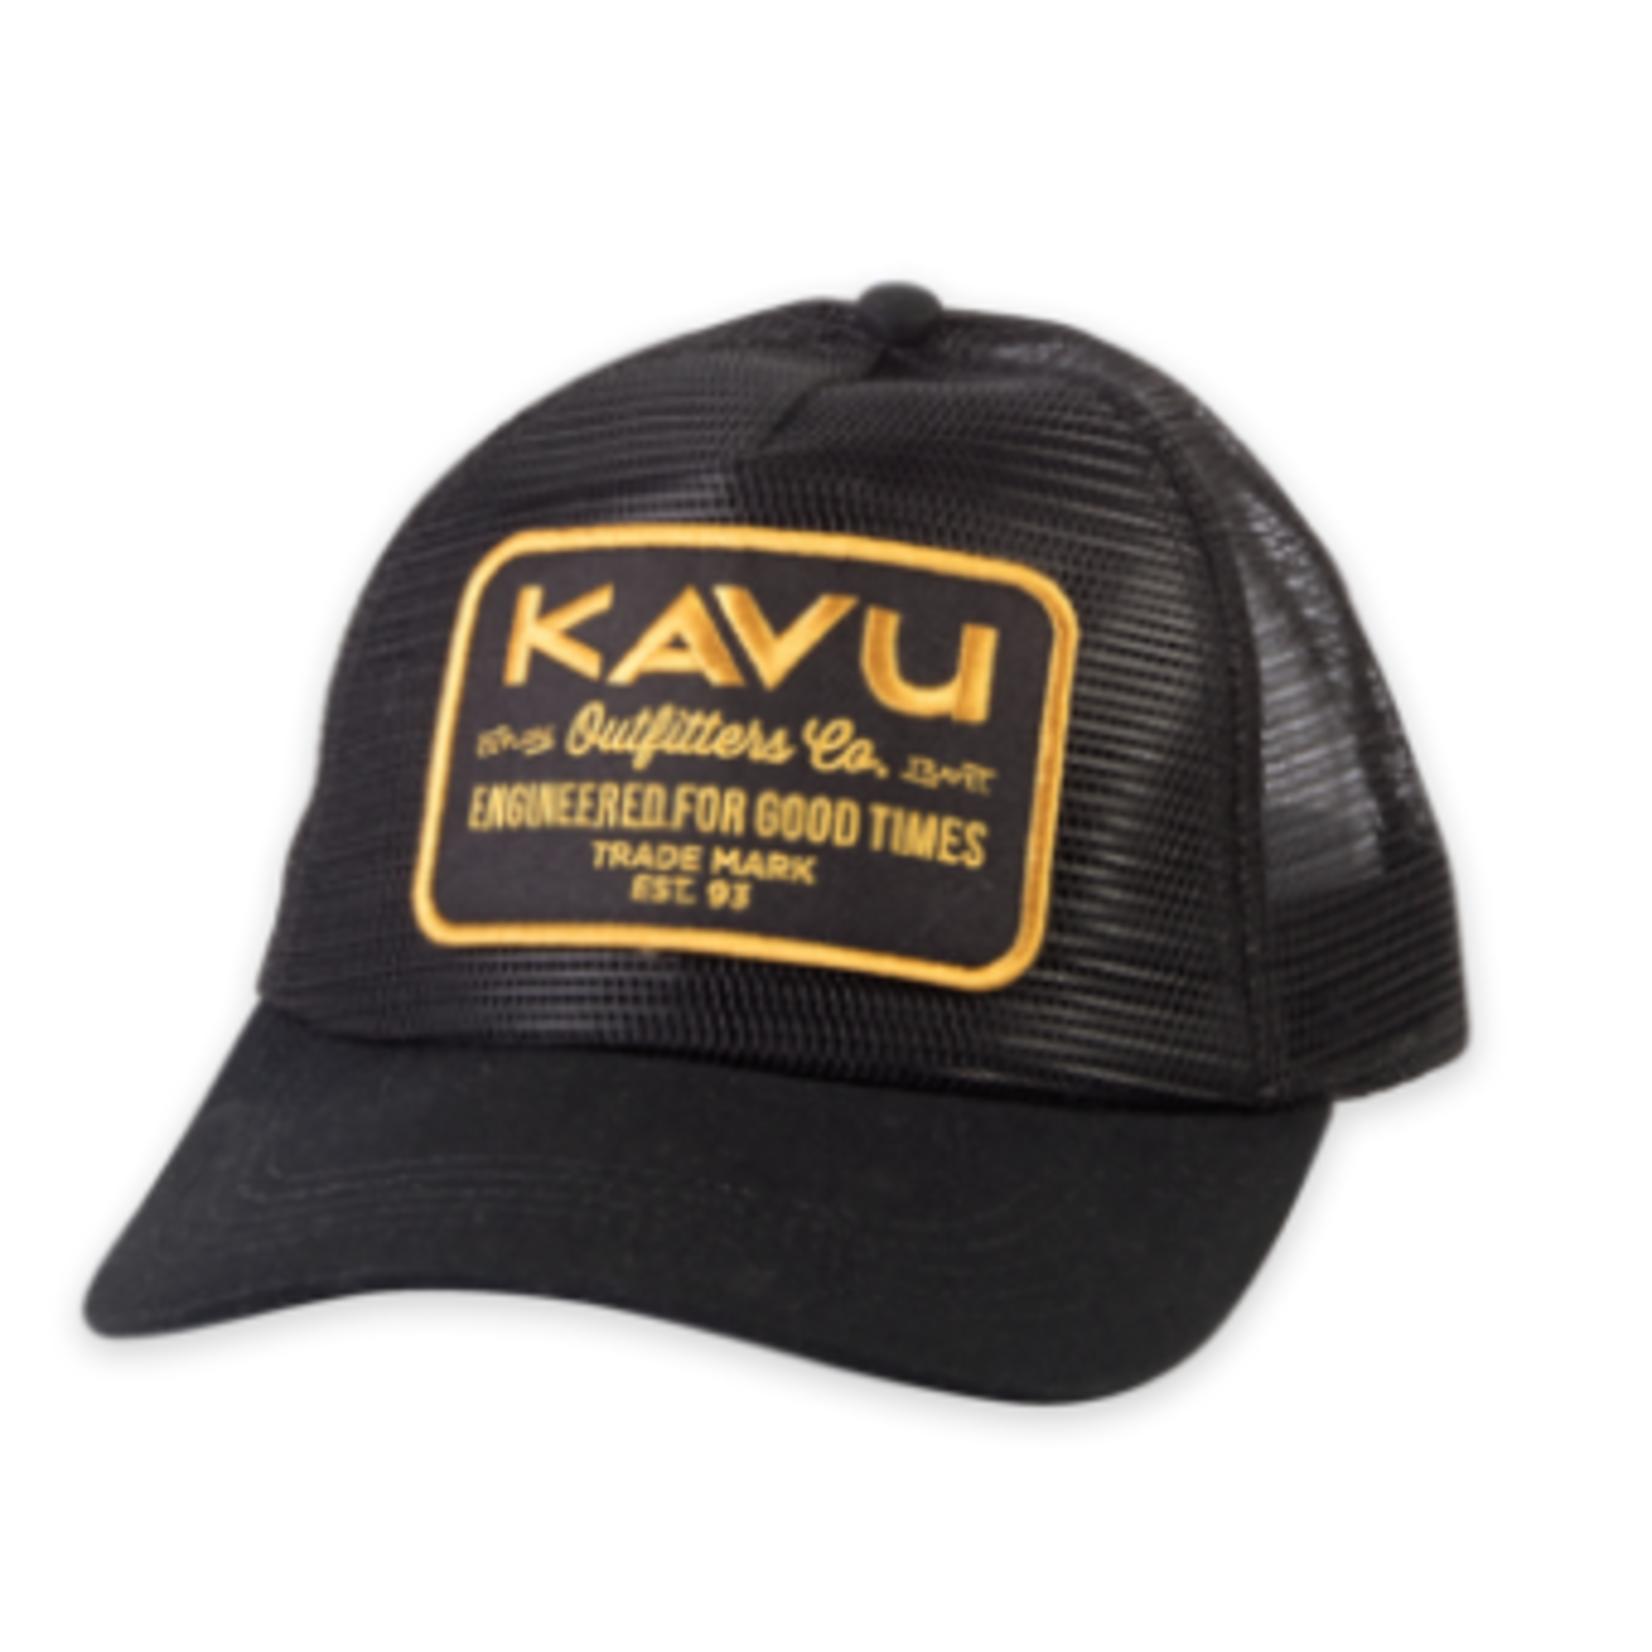 Kavu Kavu Air Mail Hat